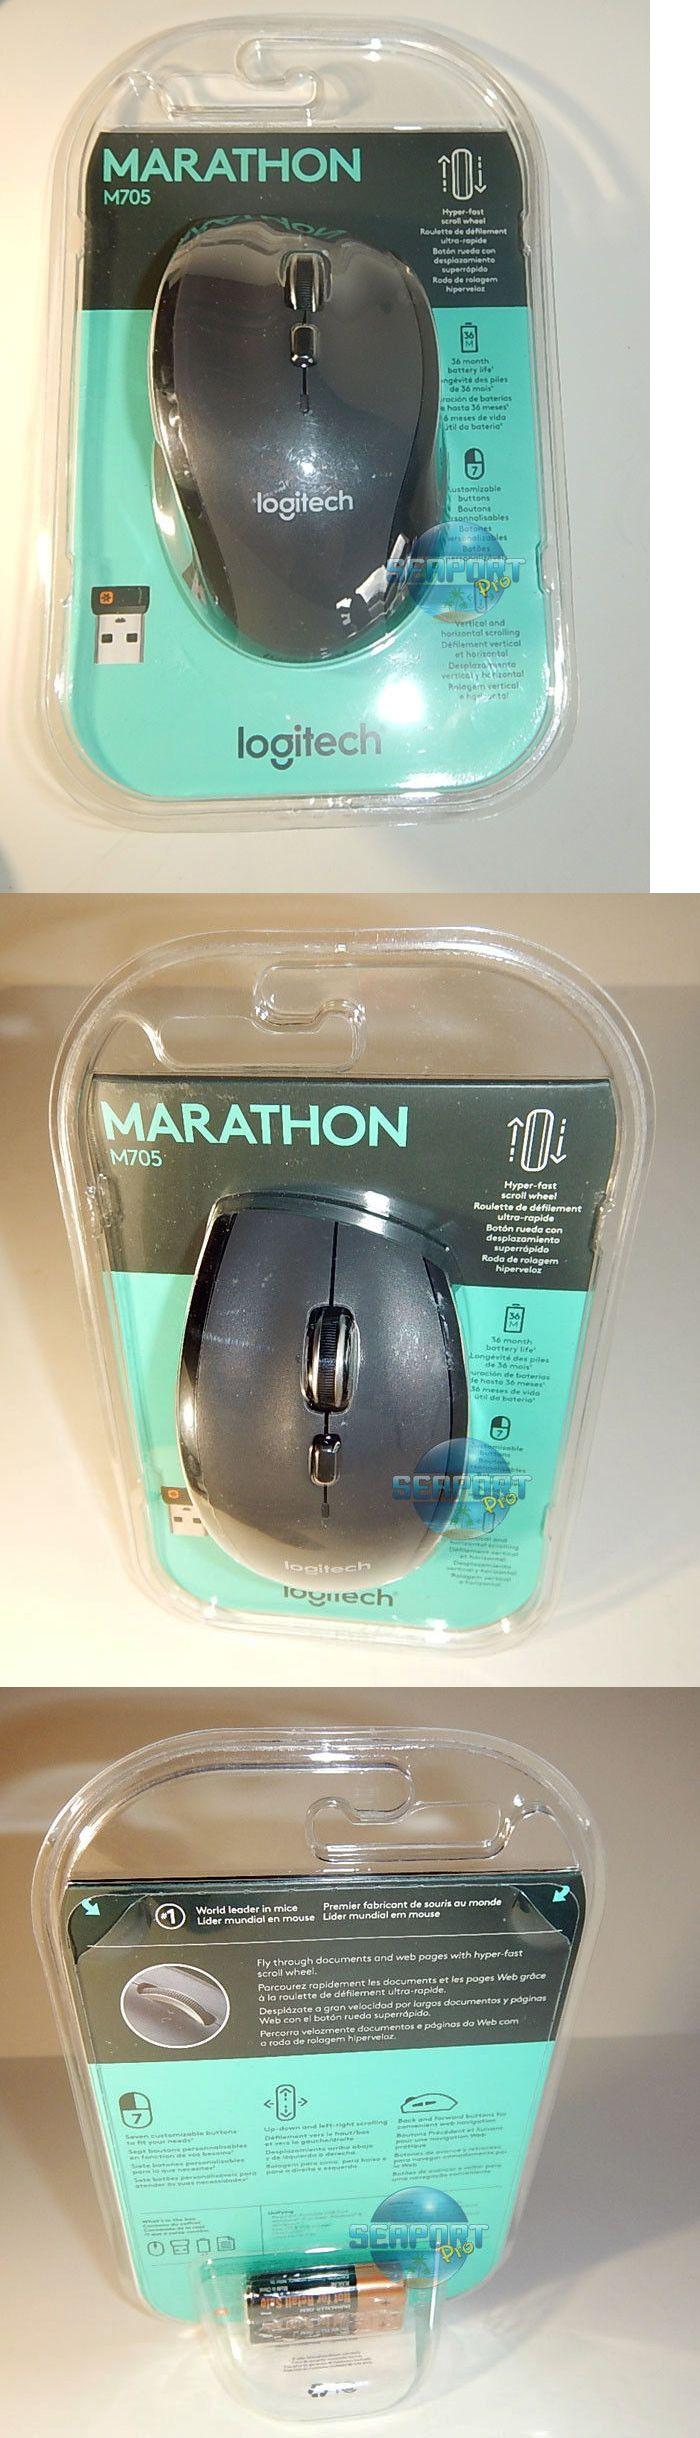 Mice Trackballs and Touchpads 23160: Logitech M705 Marathon Wireless